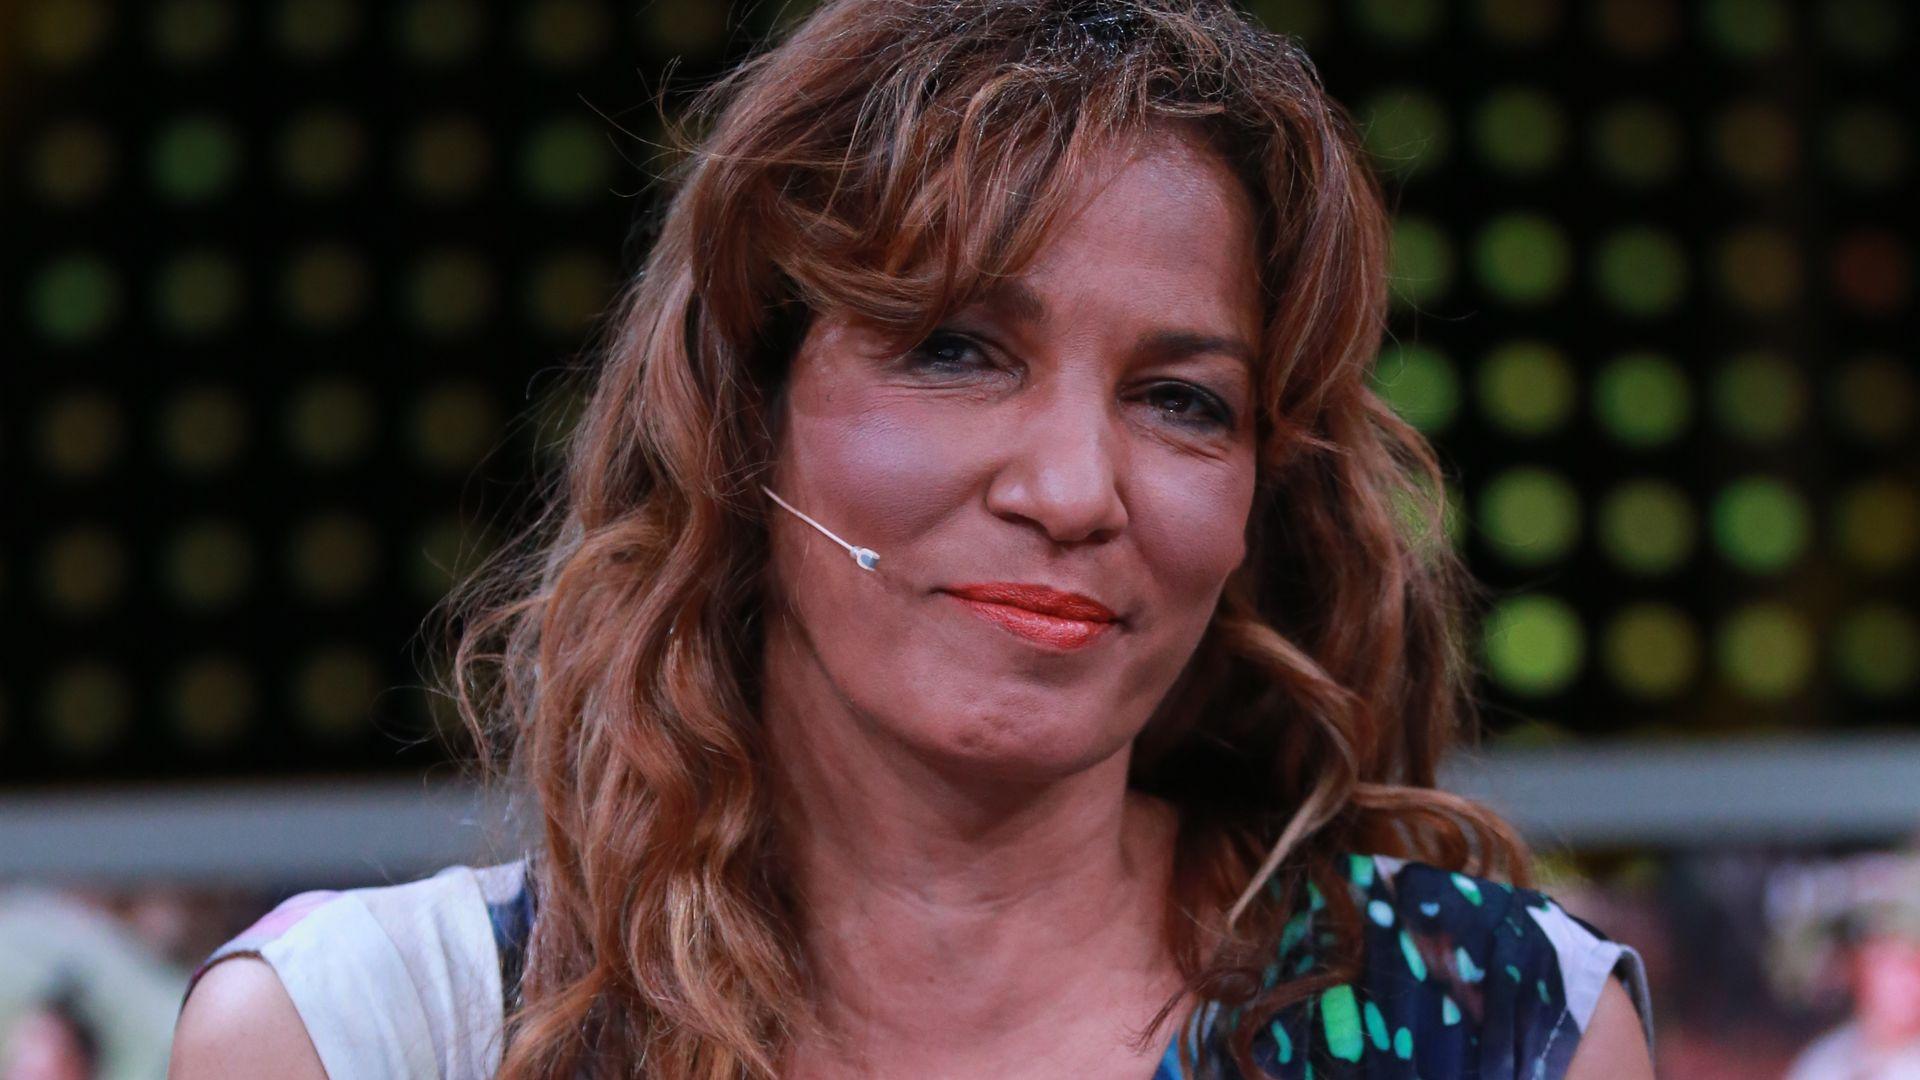 Deutsche verheiratete Frau fickt fremd mit einem Monteur